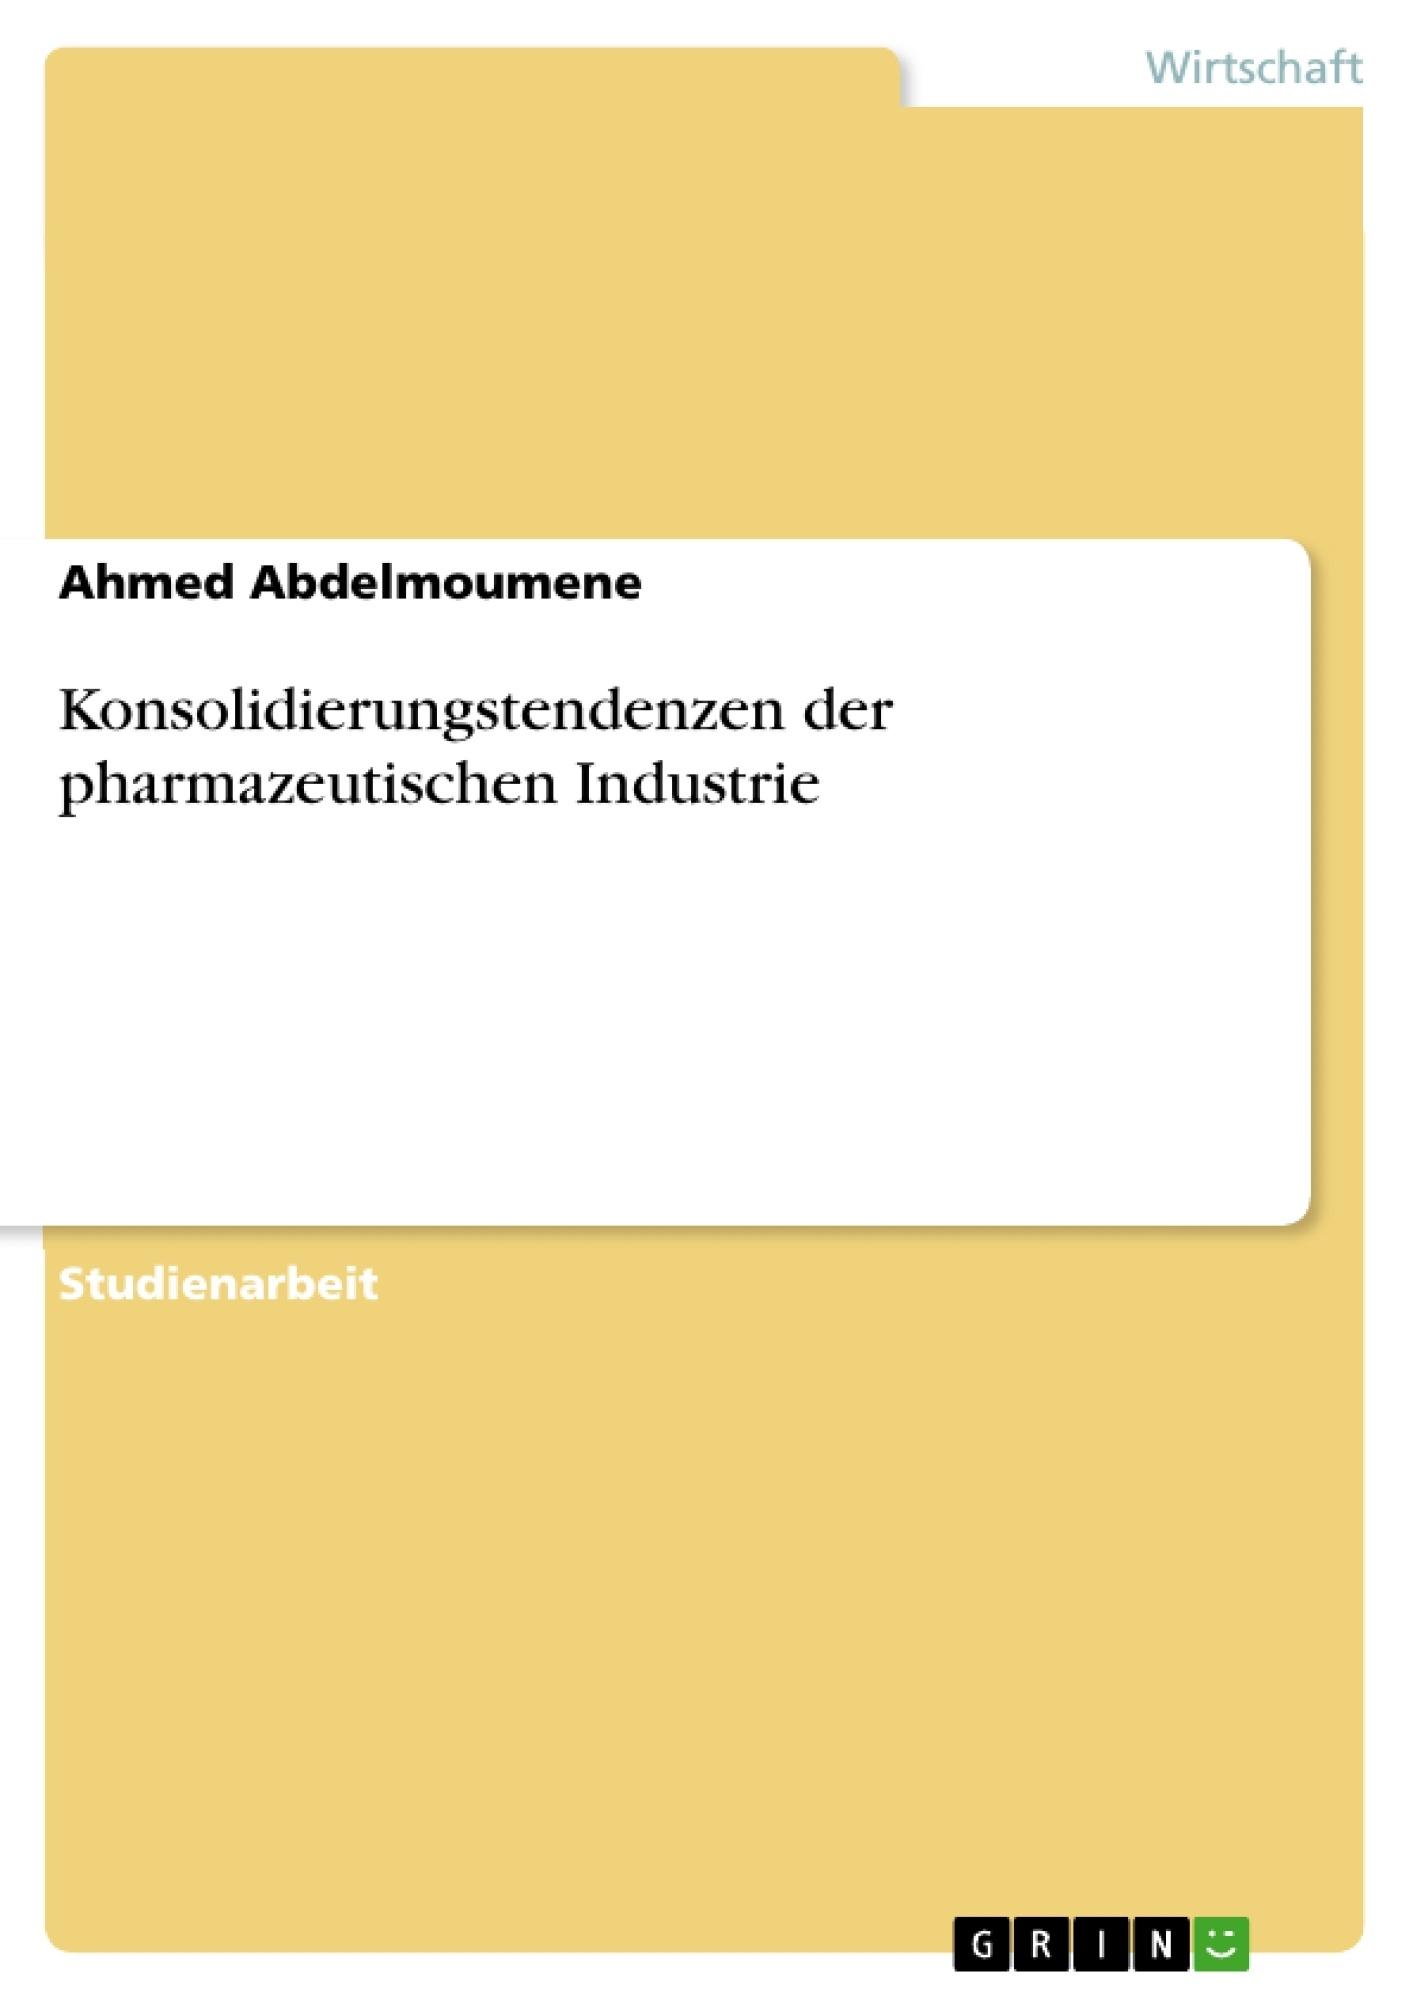 Titel: Konsolidierungstendenzen der pharmazeutischen Industrie